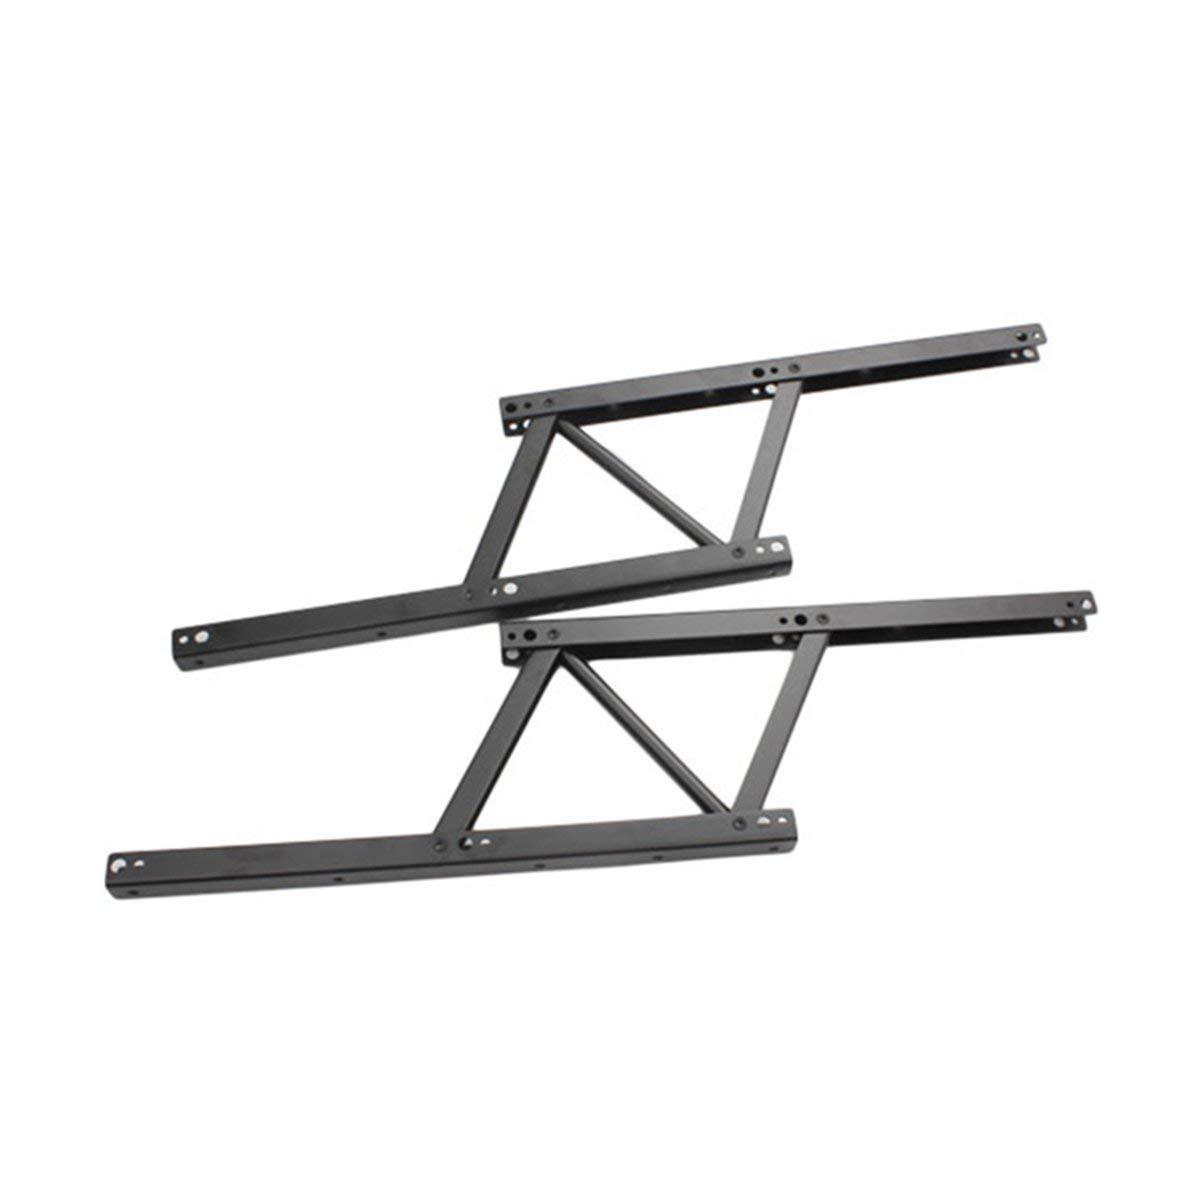 Heben Sie oben Kaffeetisch-anhebende Rahmen-Mechanismus-Scharnier-Hardware-Anpassung mit dem Frü hlings-faltenden stehenden Schreibtisch-Rahmen an DoMoment